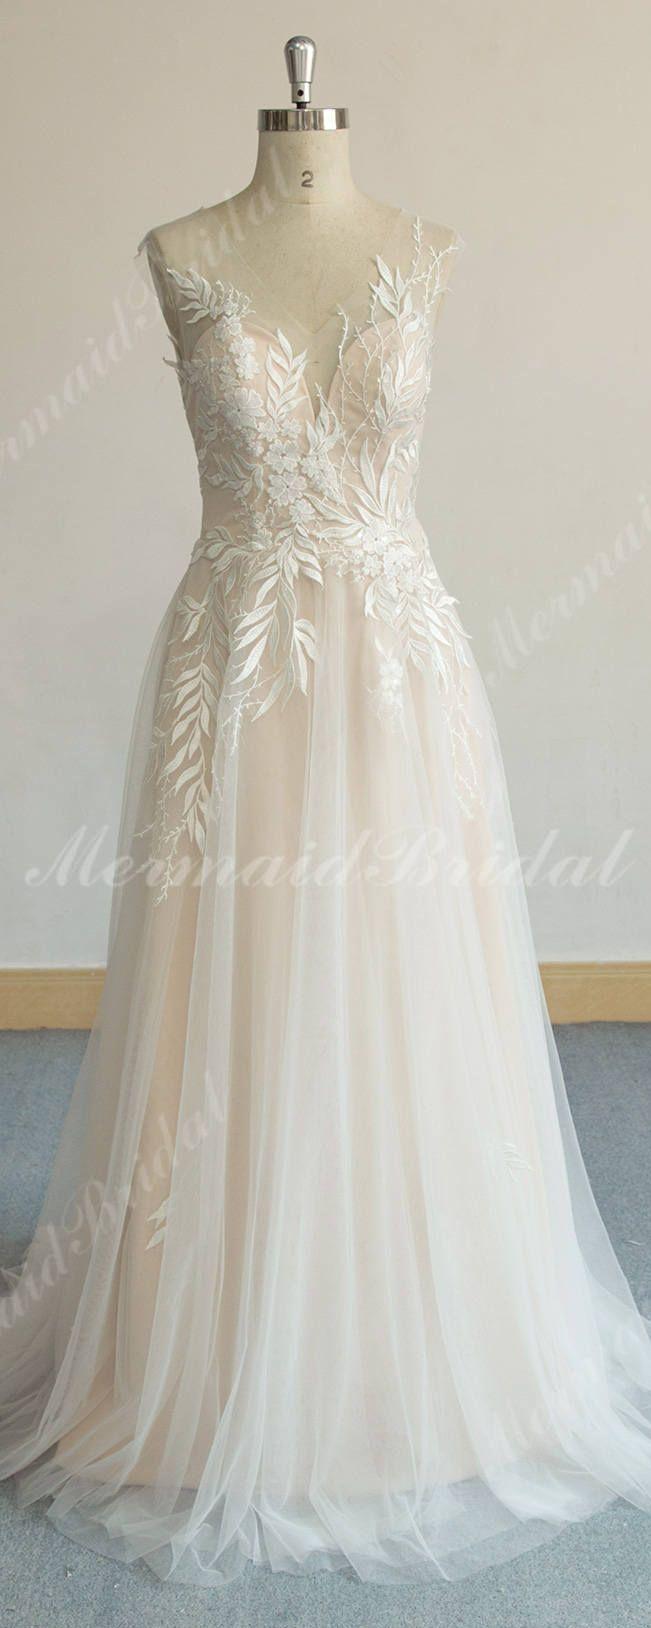 Unique aline tulle lace wedding dress elegant vintage boho wedding